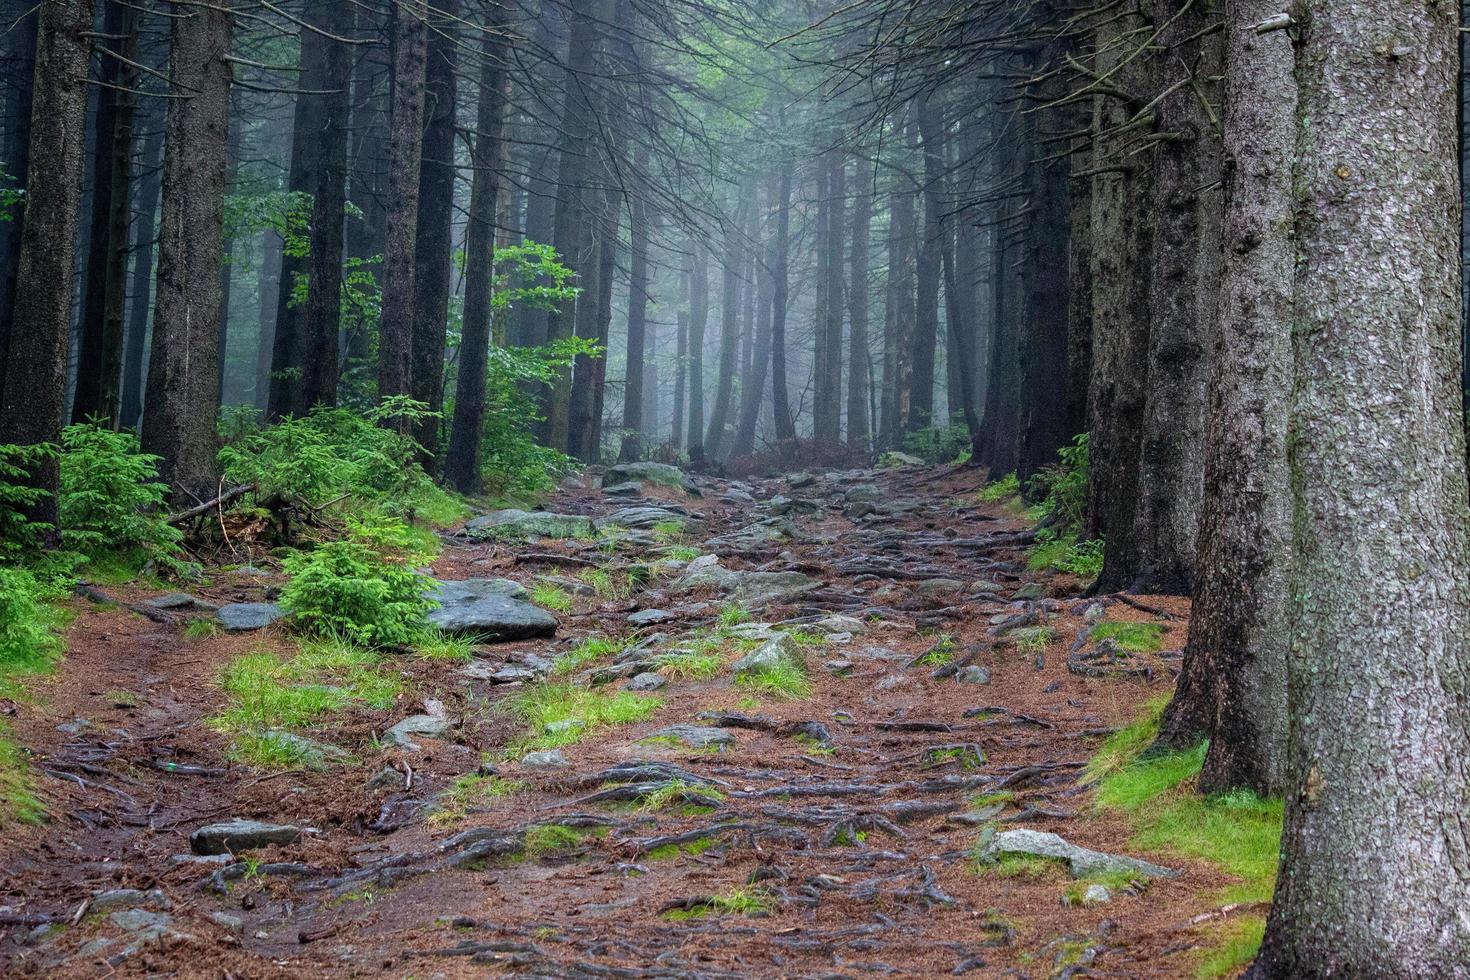 camino forestal y basura forestal foto